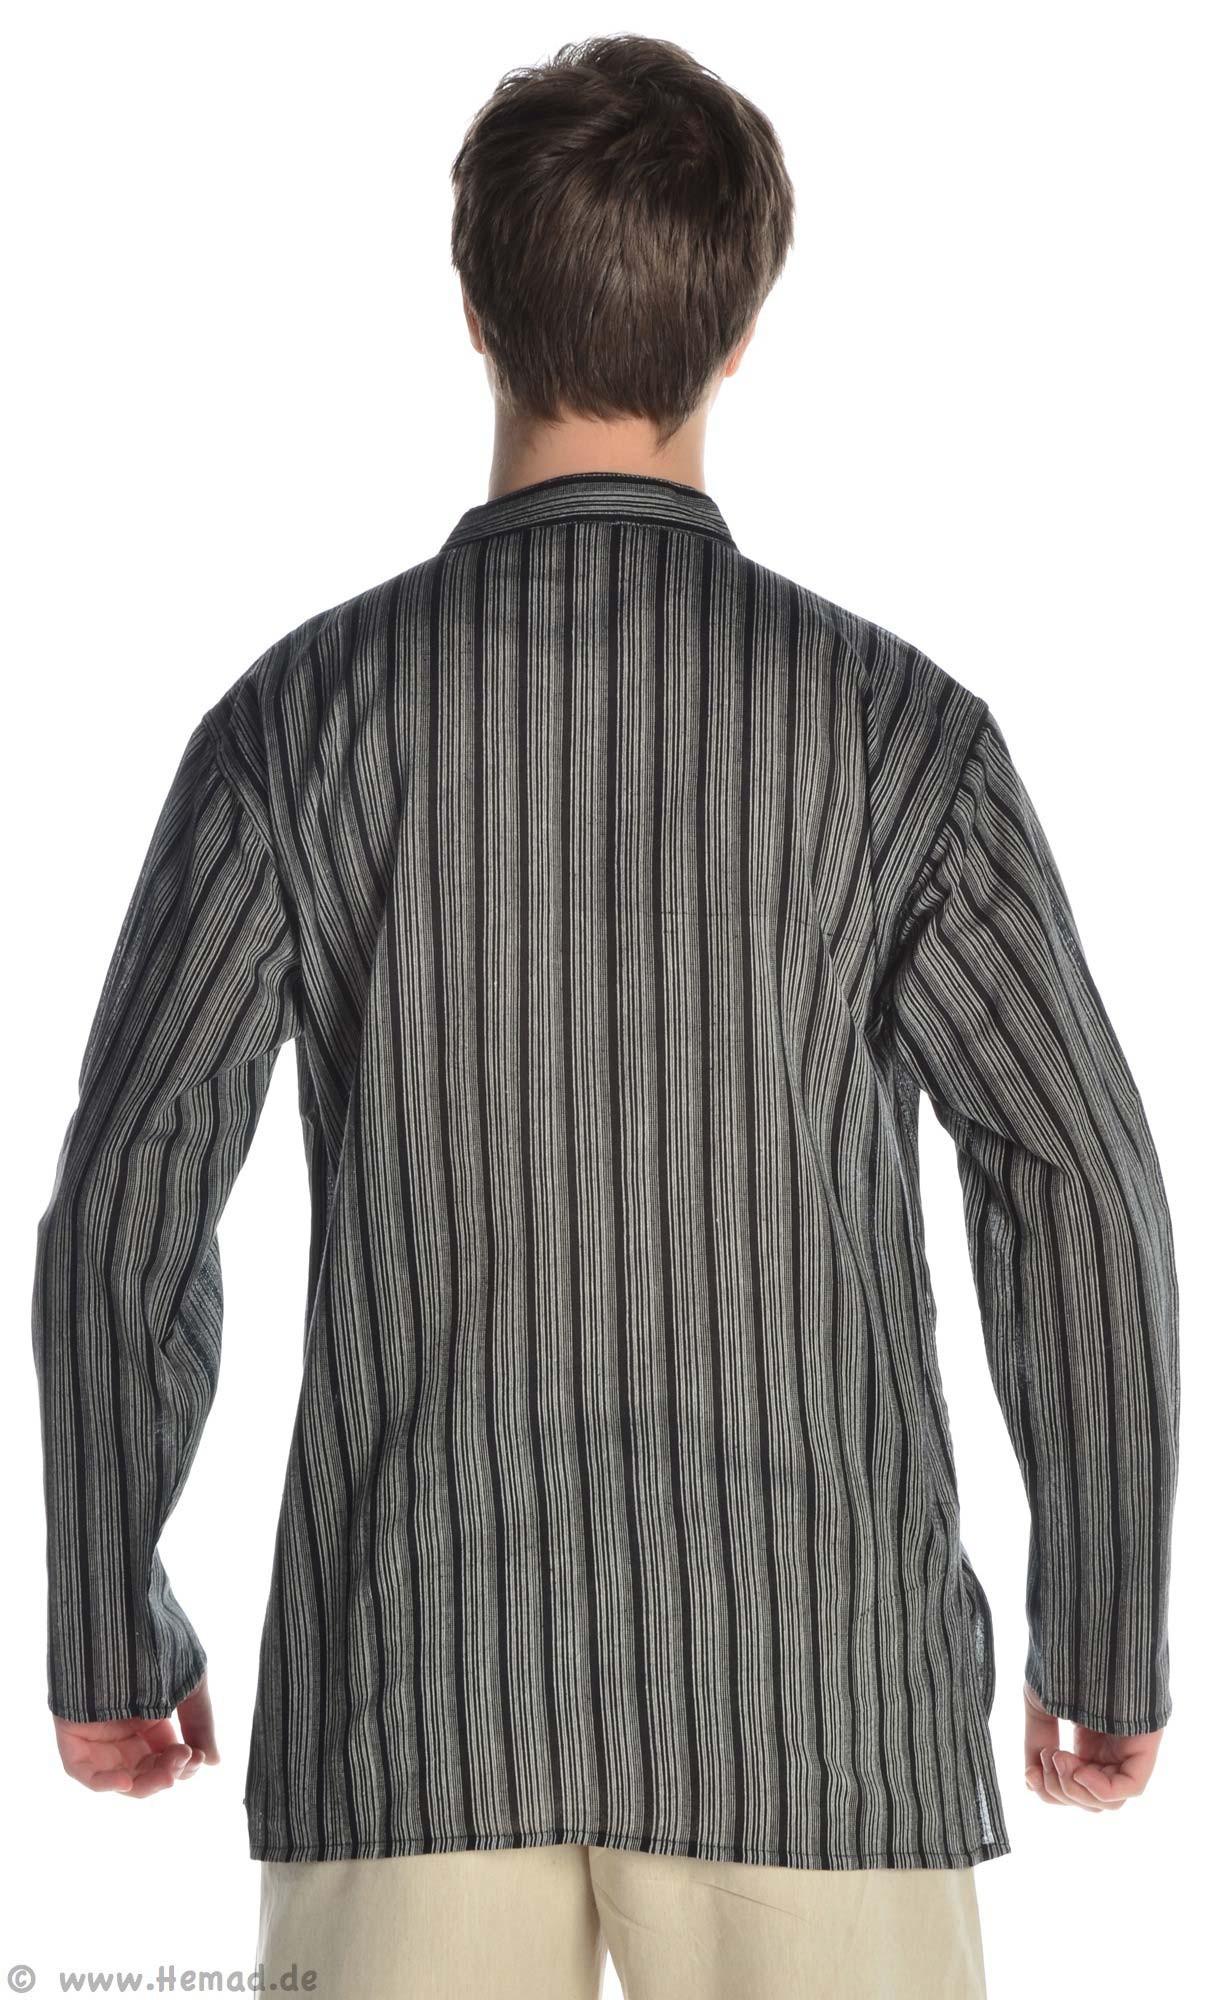 fischerhemd schwarz wei gestreift. Black Bedroom Furniture Sets. Home Design Ideas